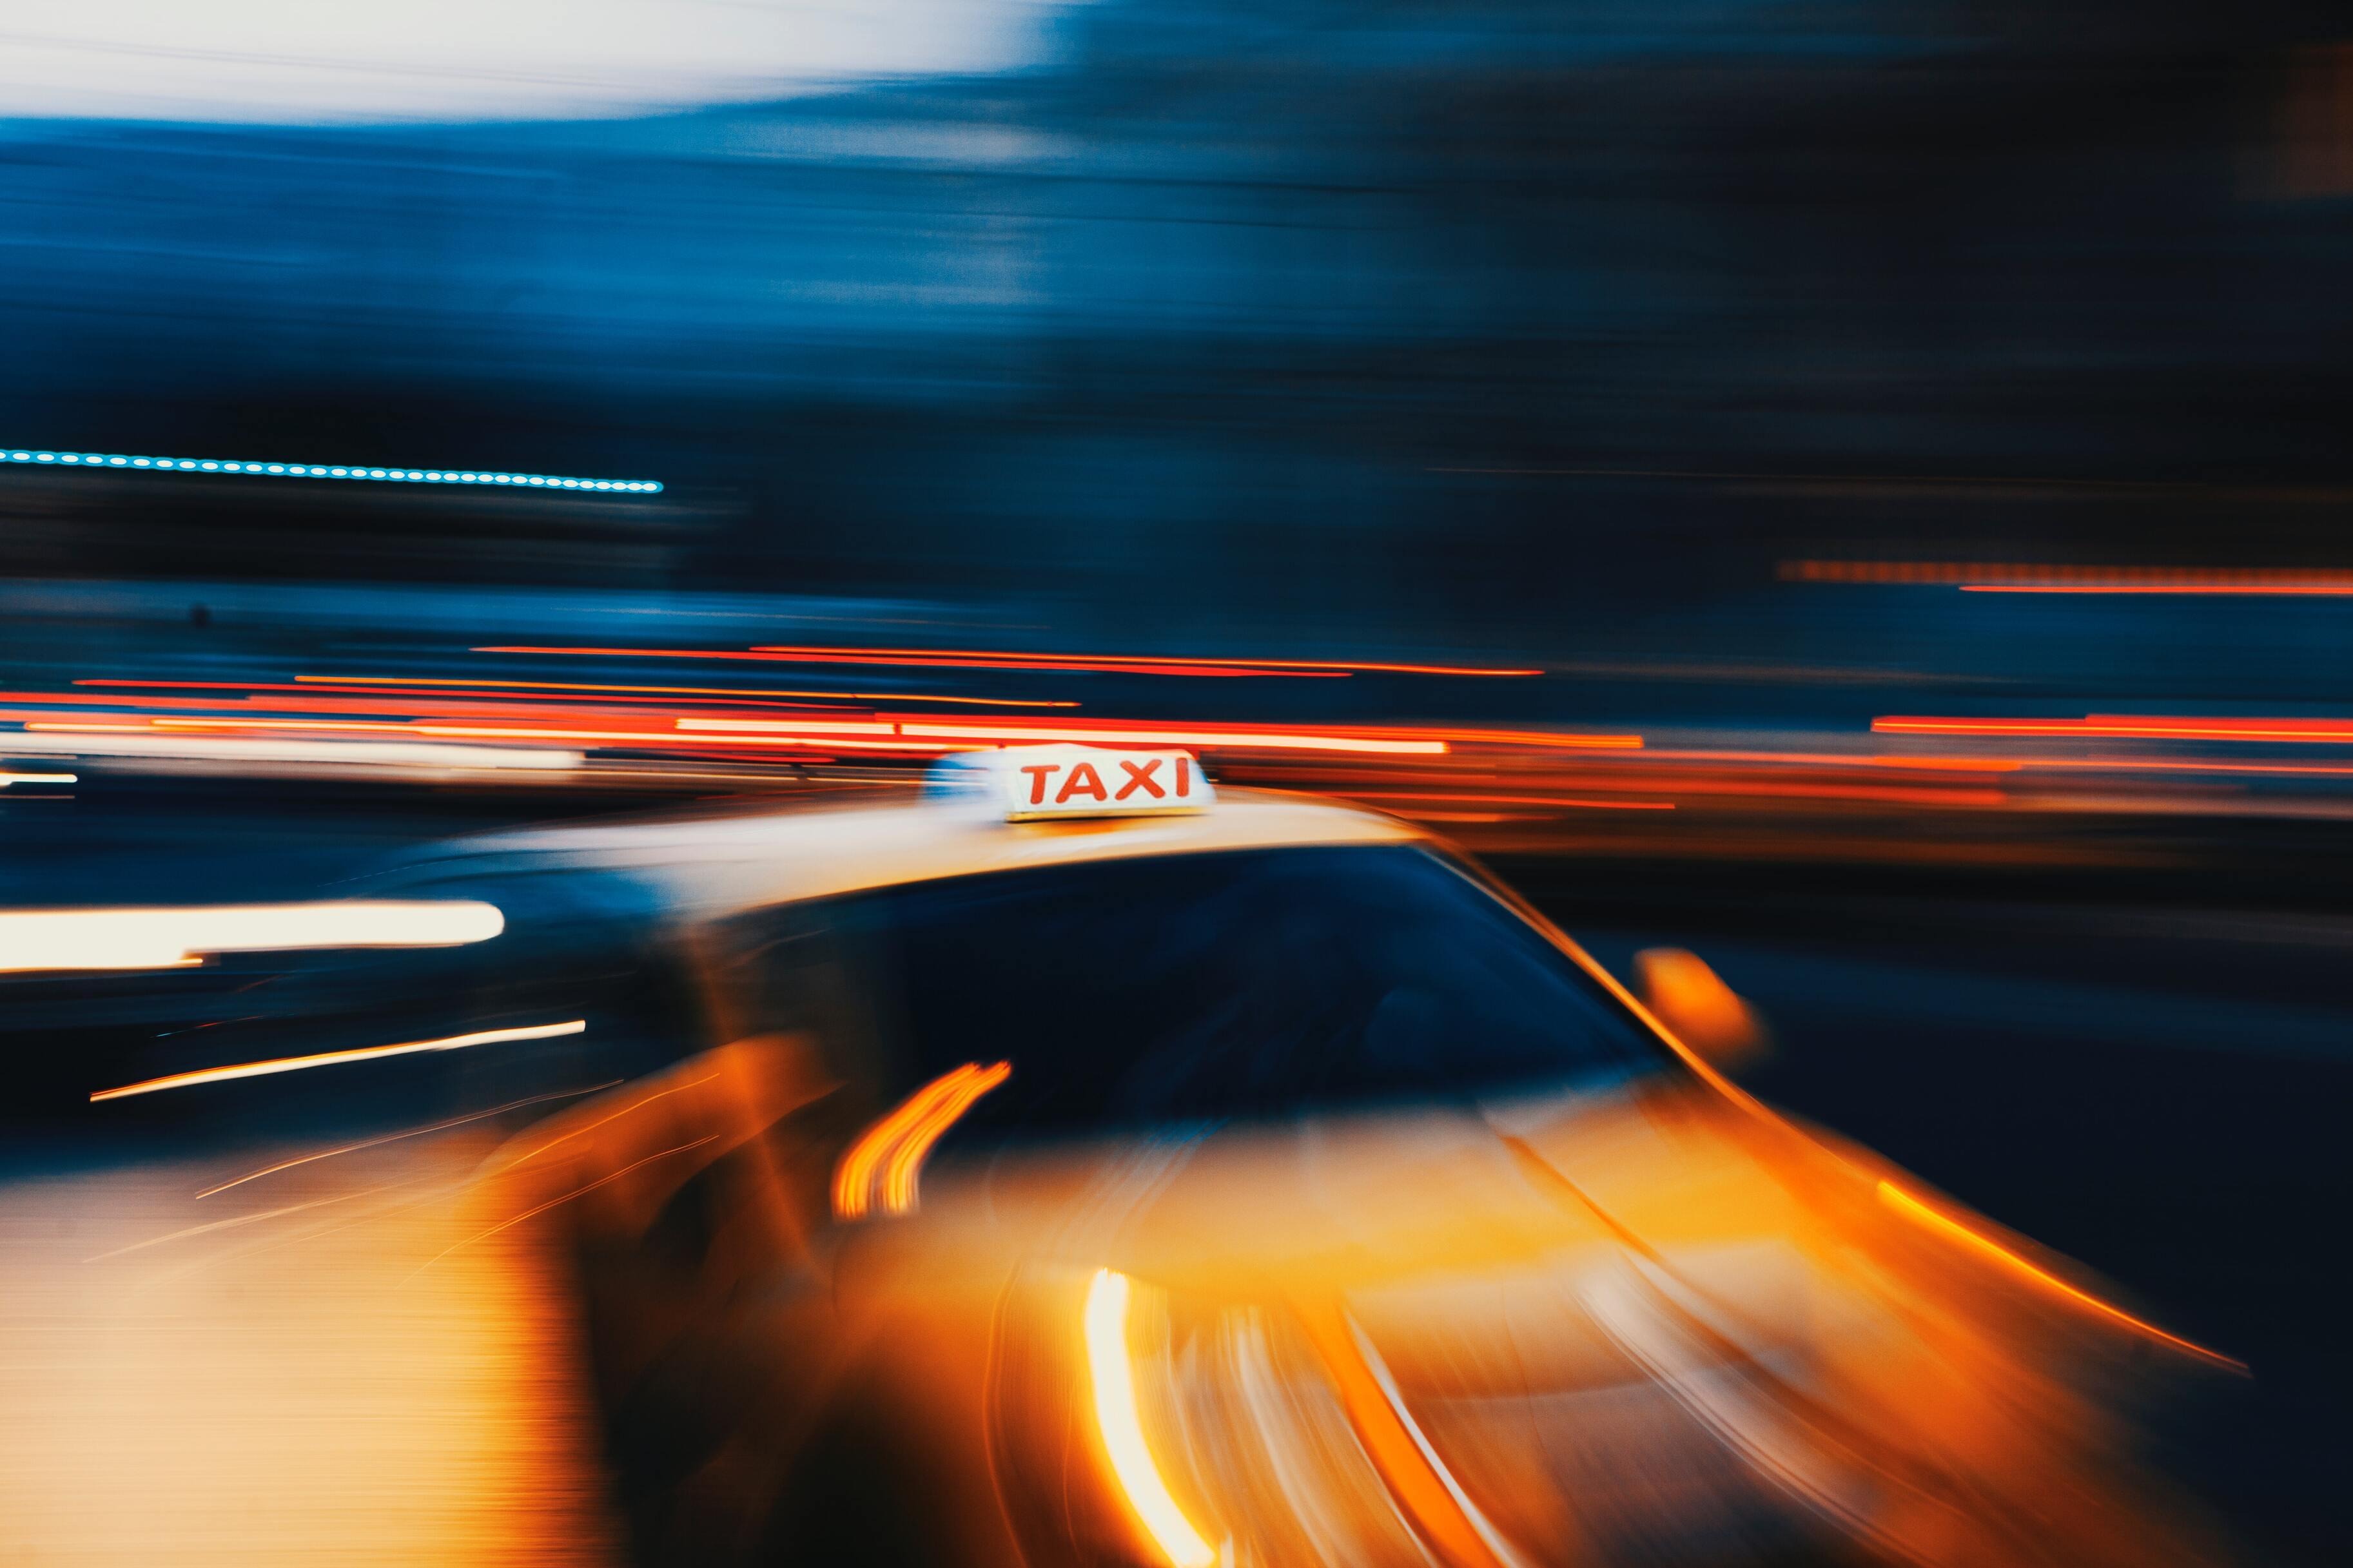 Китайский агрегатор такси внедрит автомобили без водителей